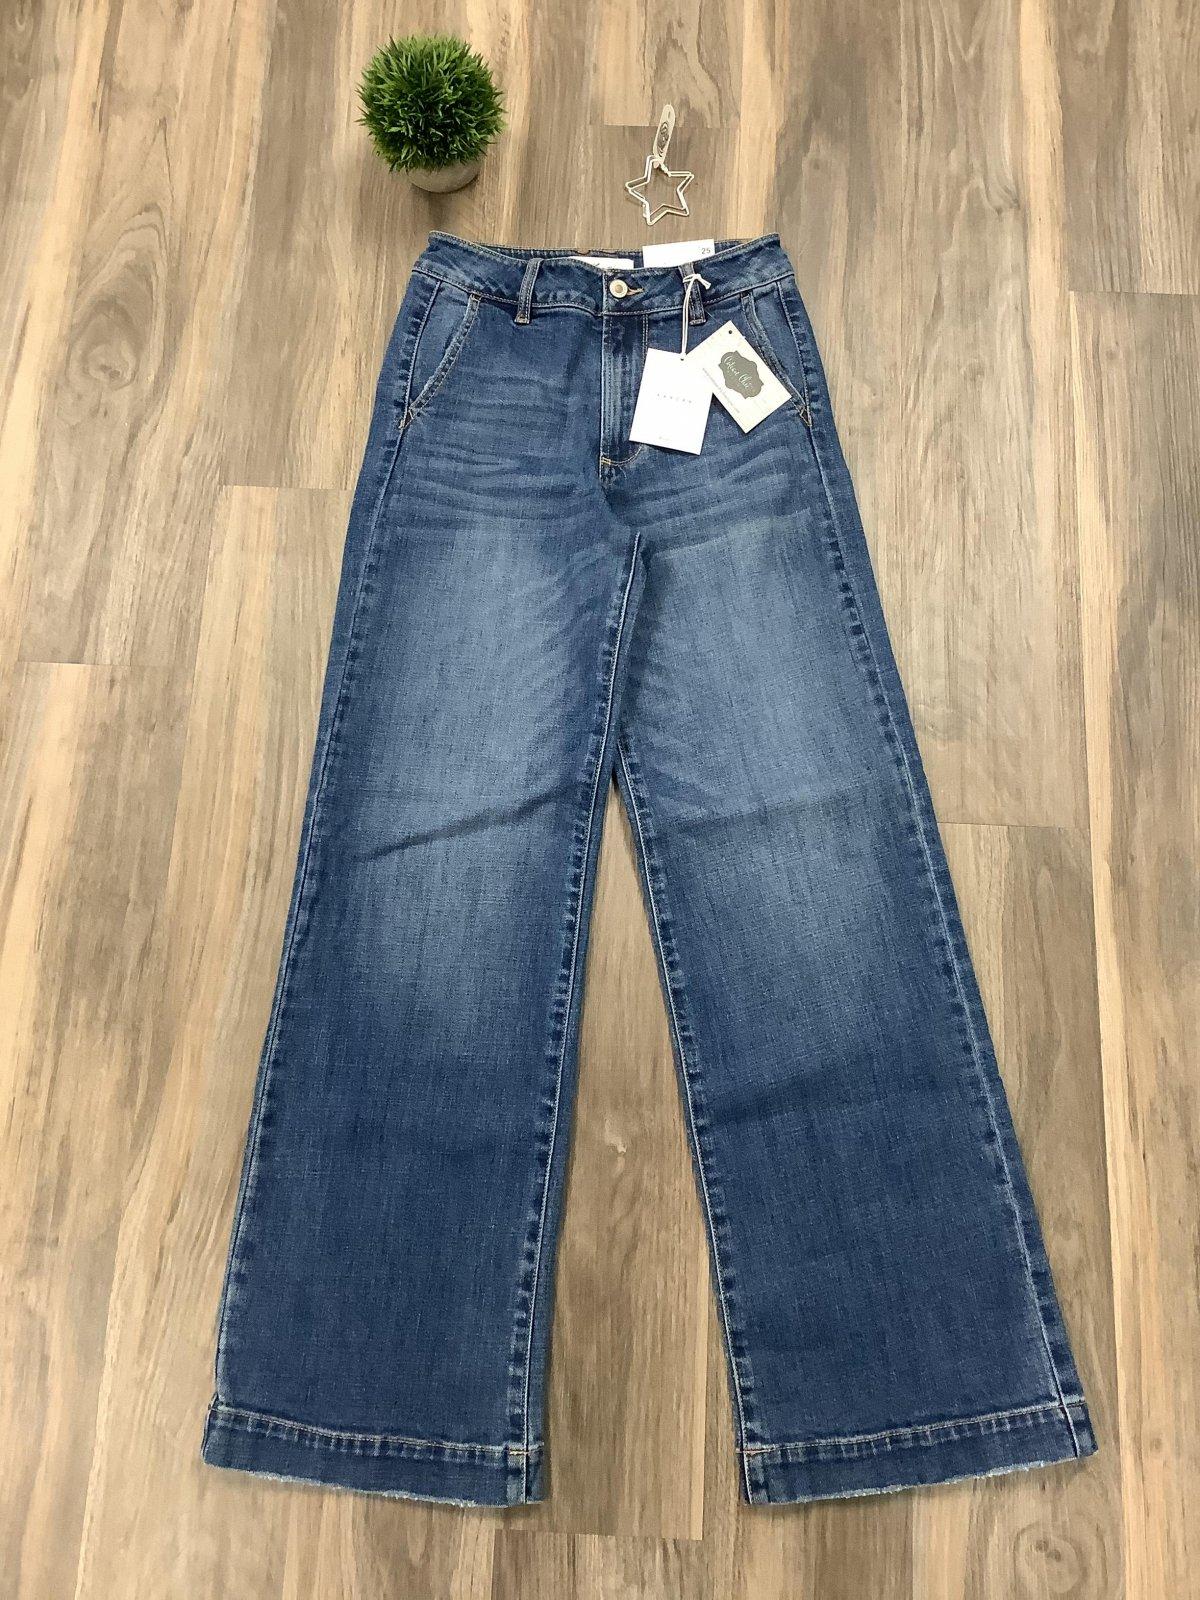 Kancan High Rise Trousers